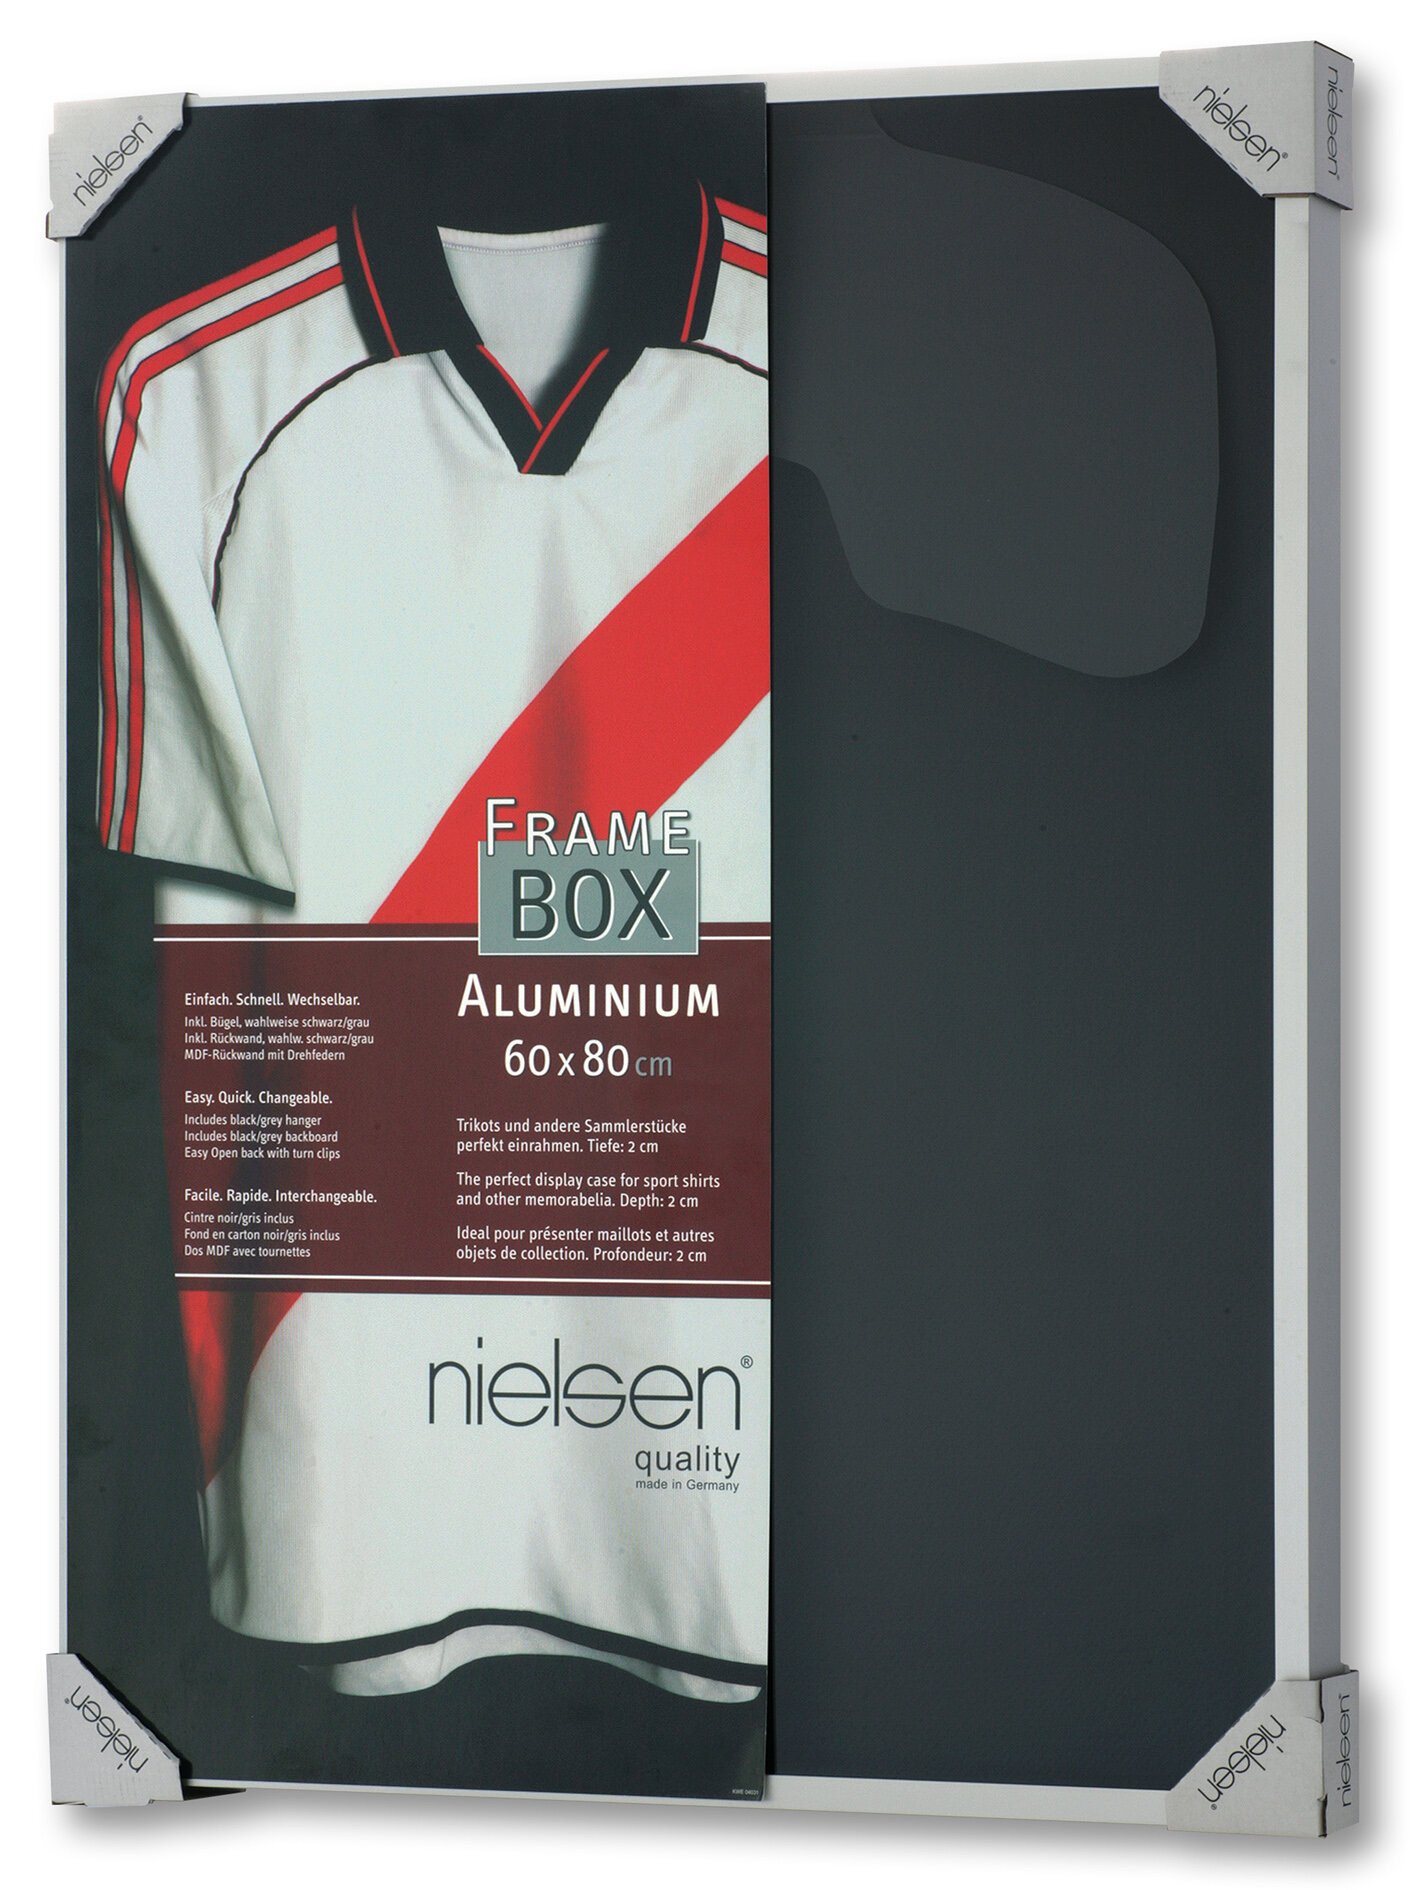 Nielsen Design GmbH Bilderrahmen Frame Box II | Wayfair.de